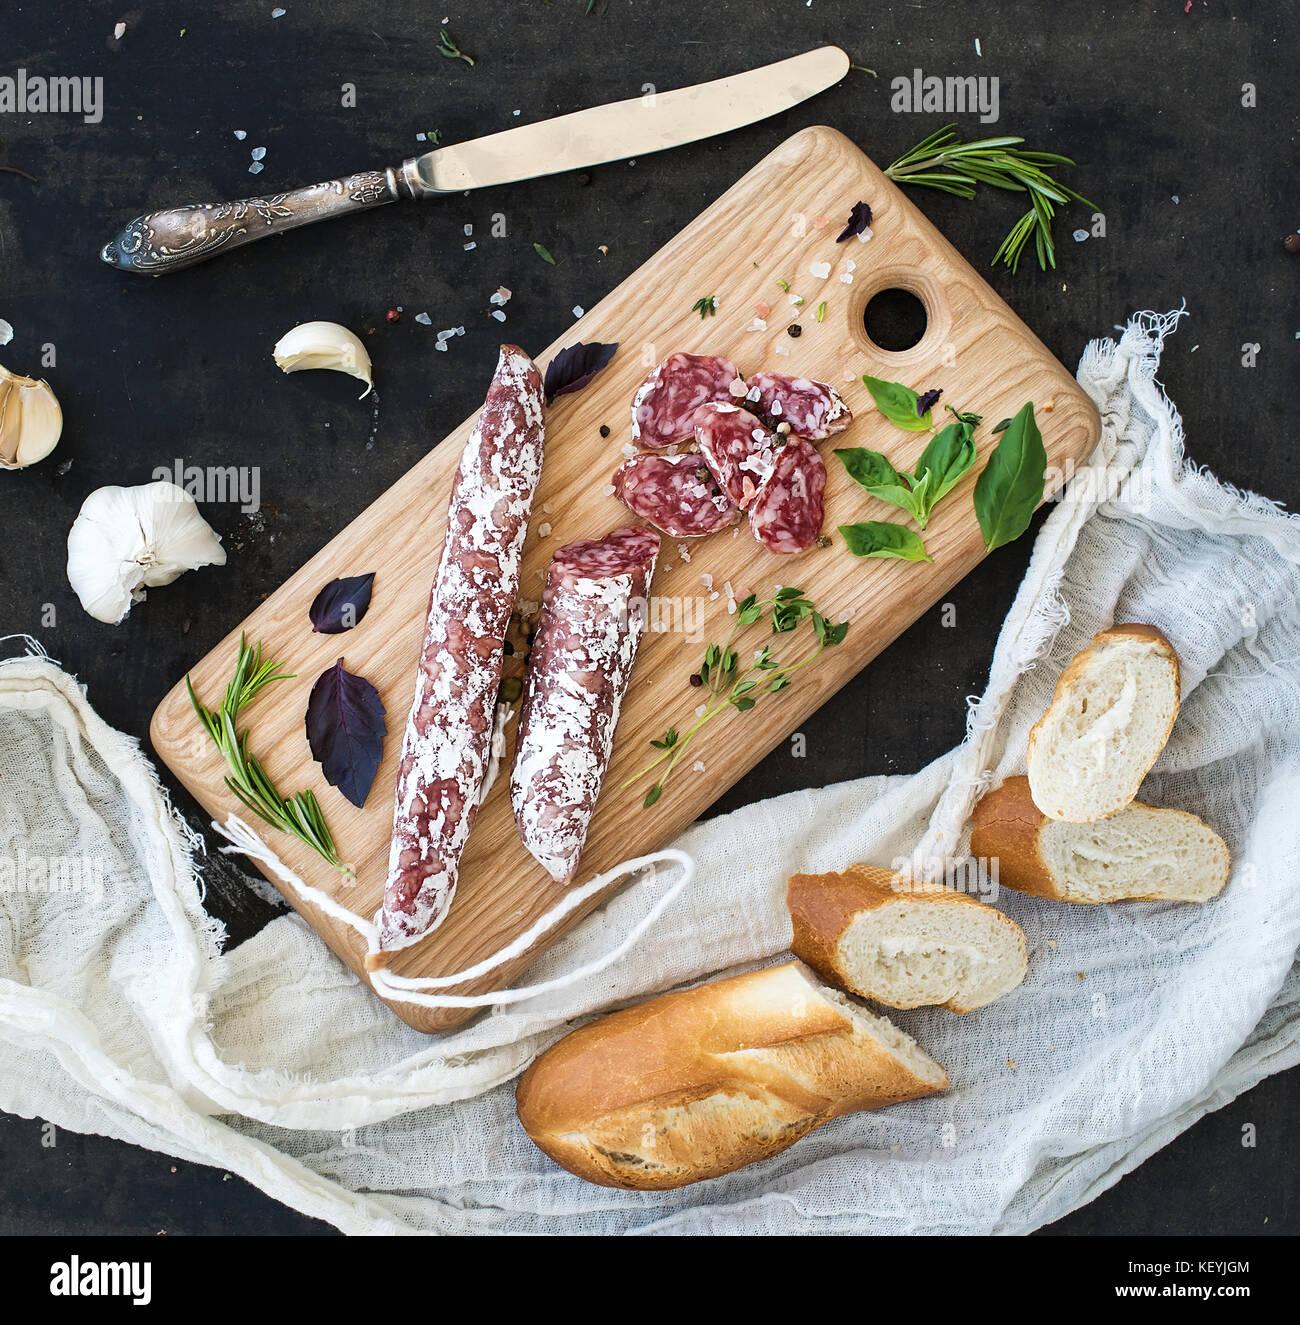 Carne snack gourmet. salami, aglio, baguette e erbe rustico di legno Immagini Stock